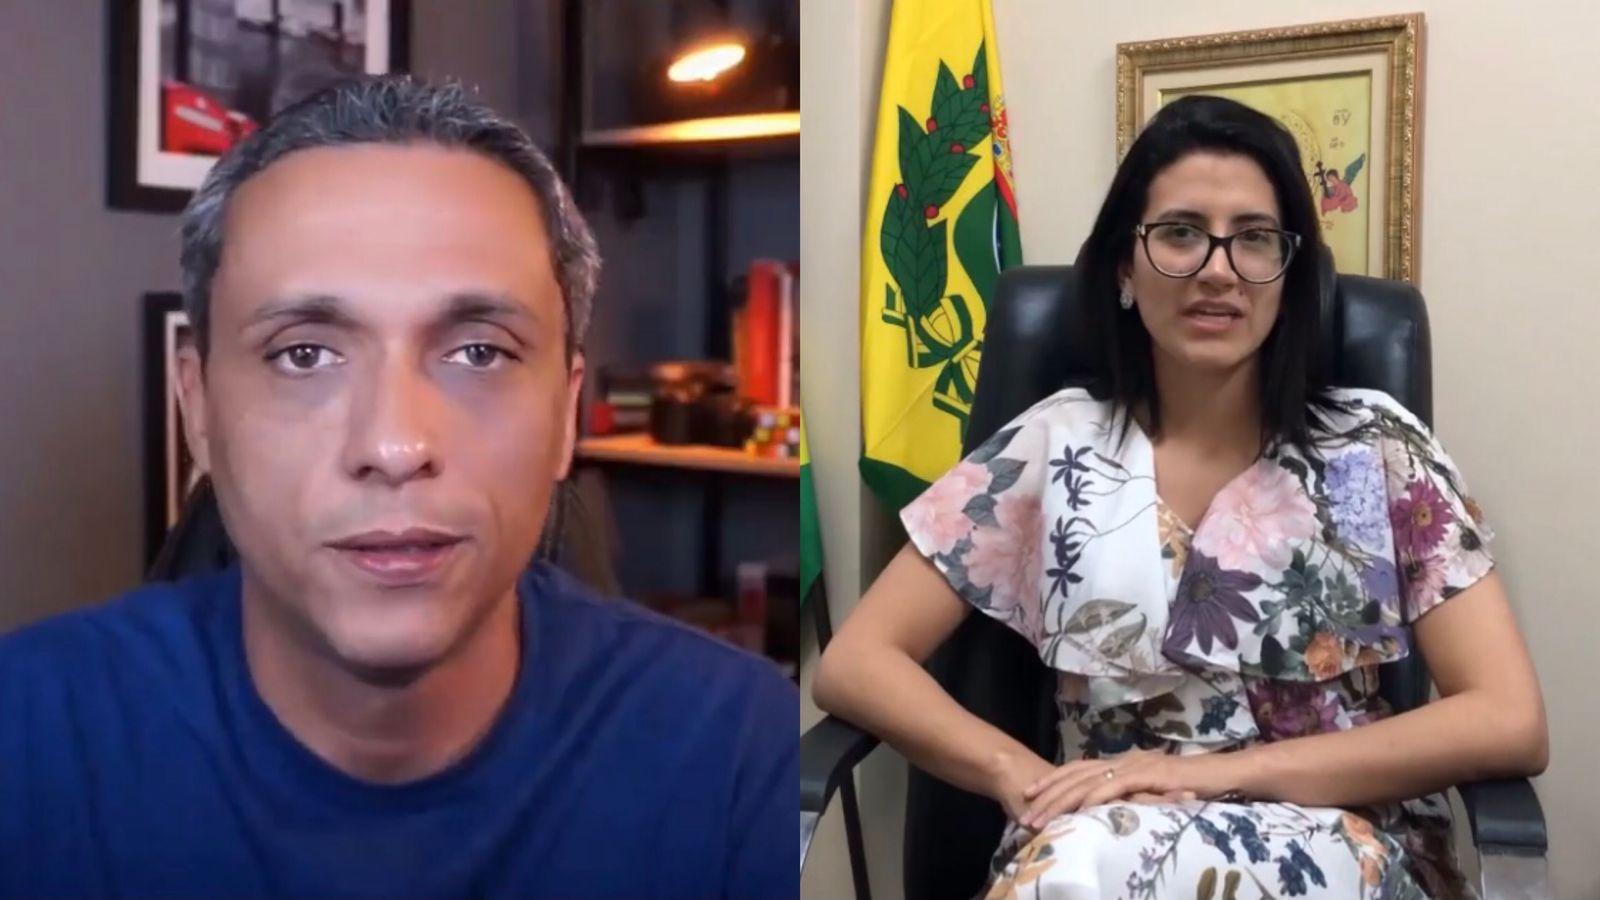 Grupo que representa a direita conservadora em Goiás enfrenta racha